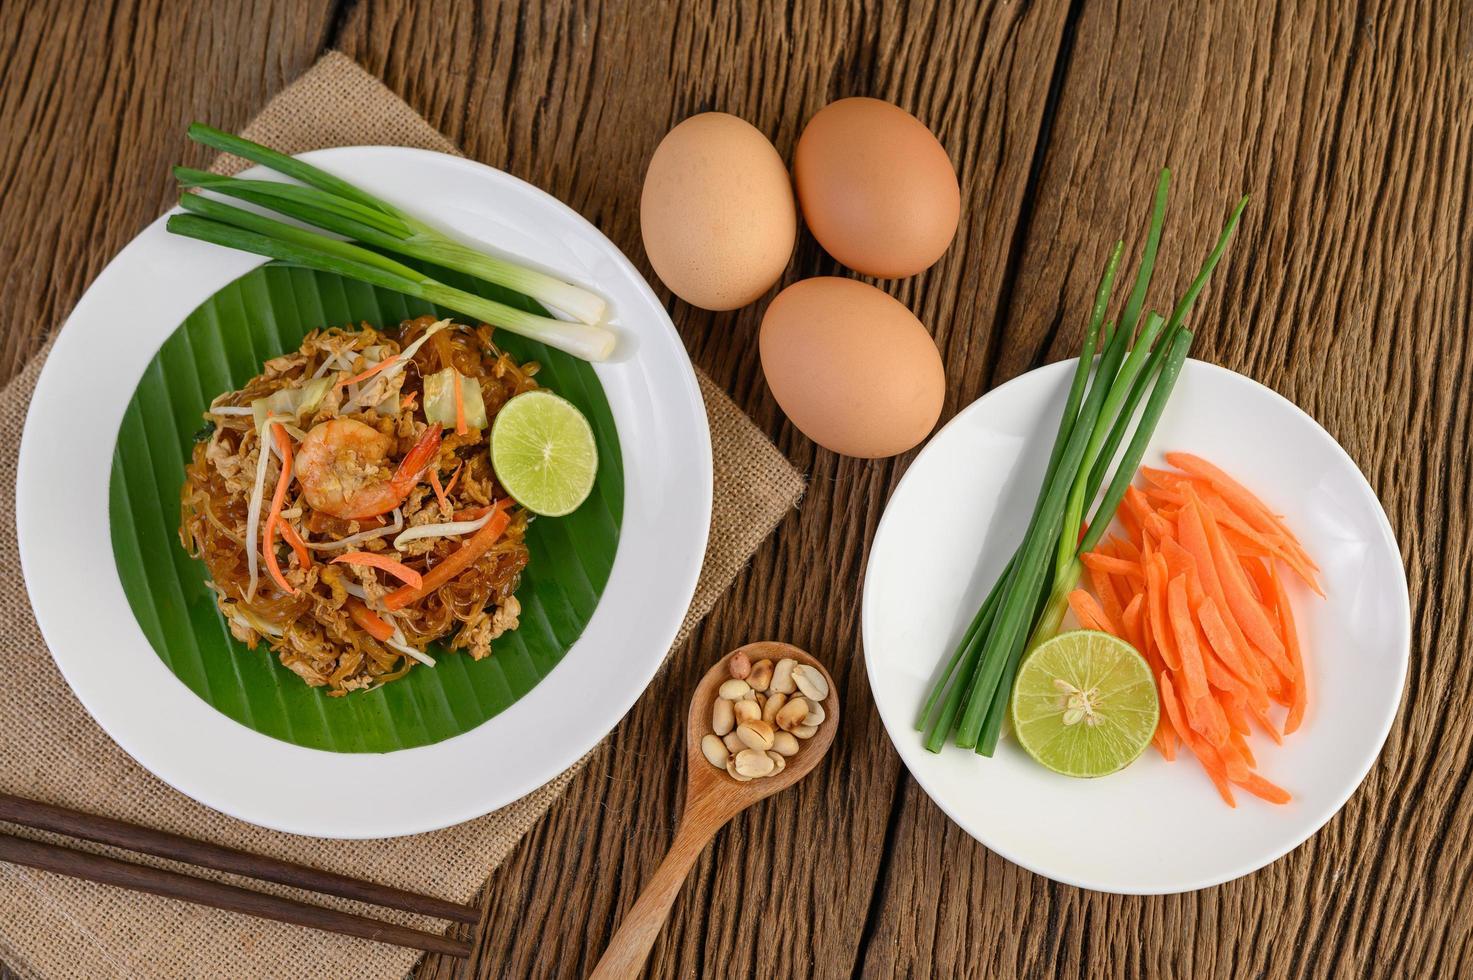 plato de pad thai camarones con limón y huevos foto